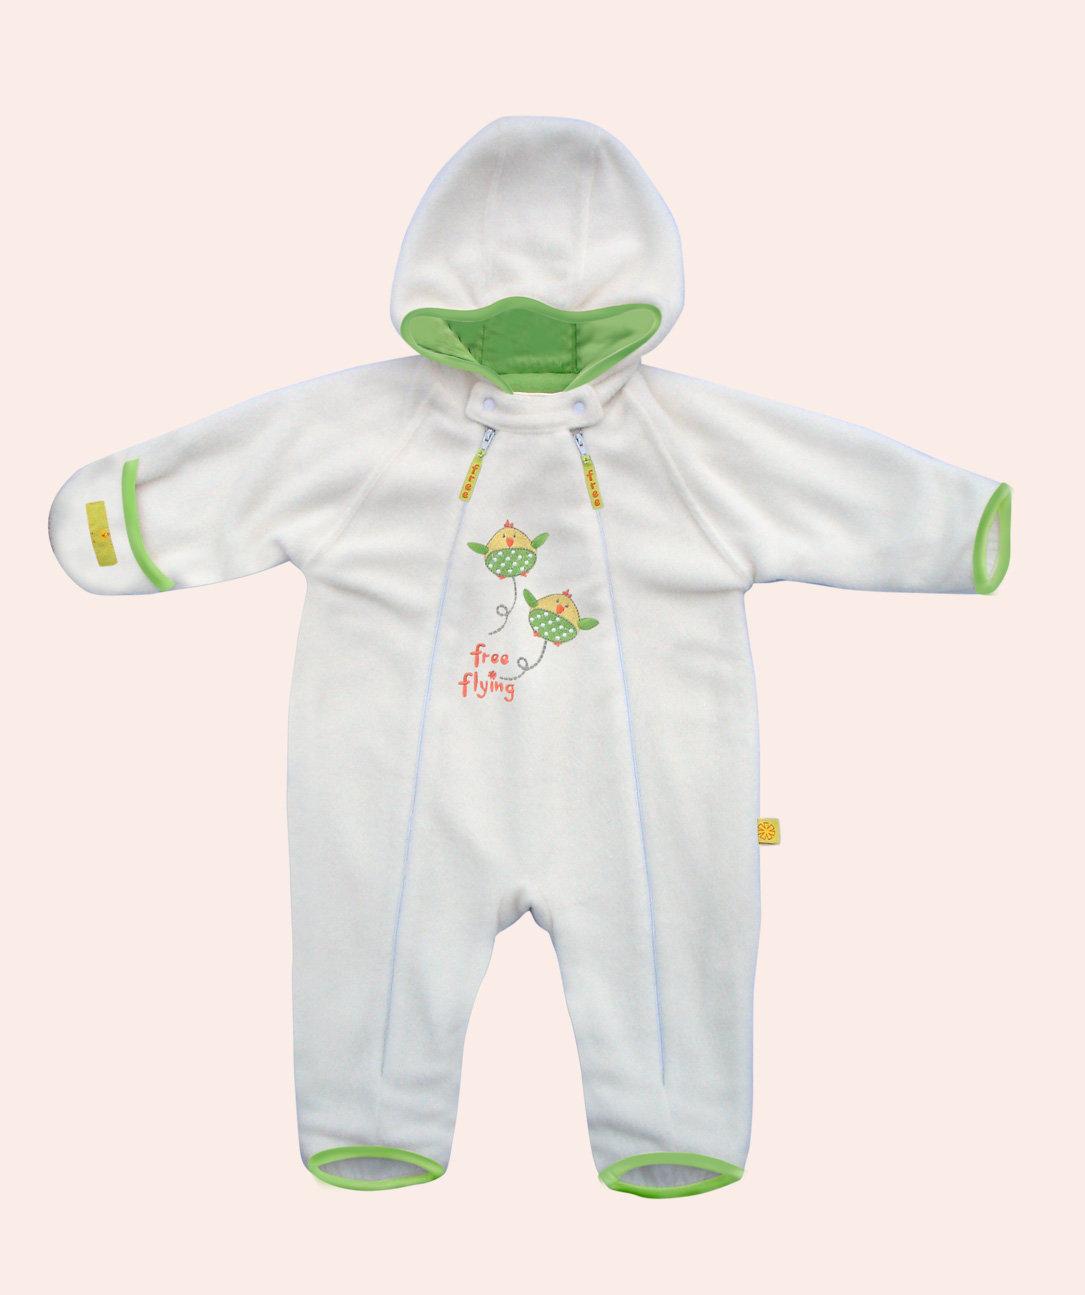 Как сшить костюмчик для новорожденного